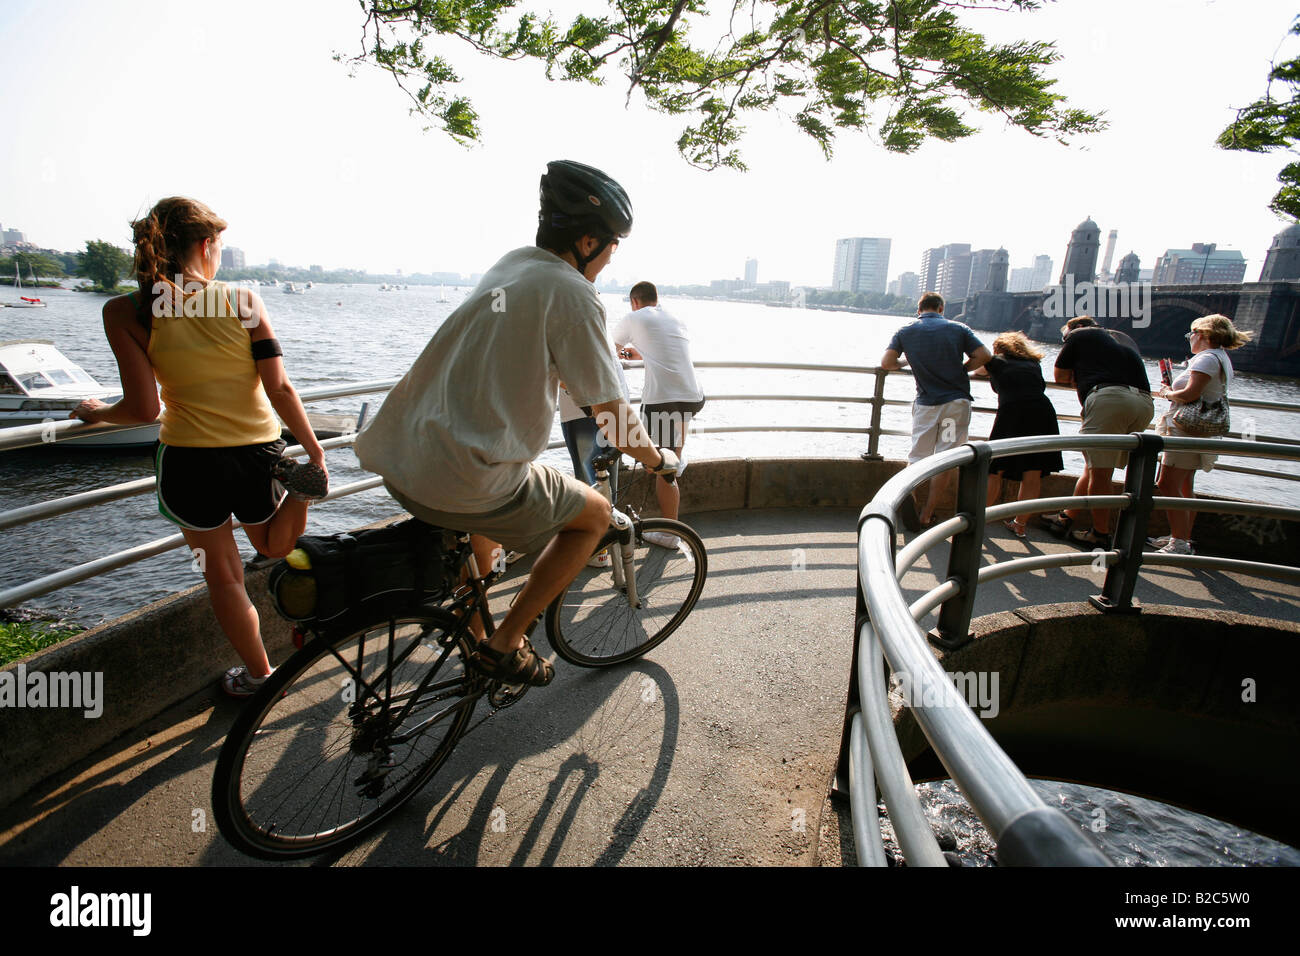 Un pareggiatore ciclista e i pedoni sono visto su un marciapiede sulle rive del fiume Charles a Boston Immagini Stock